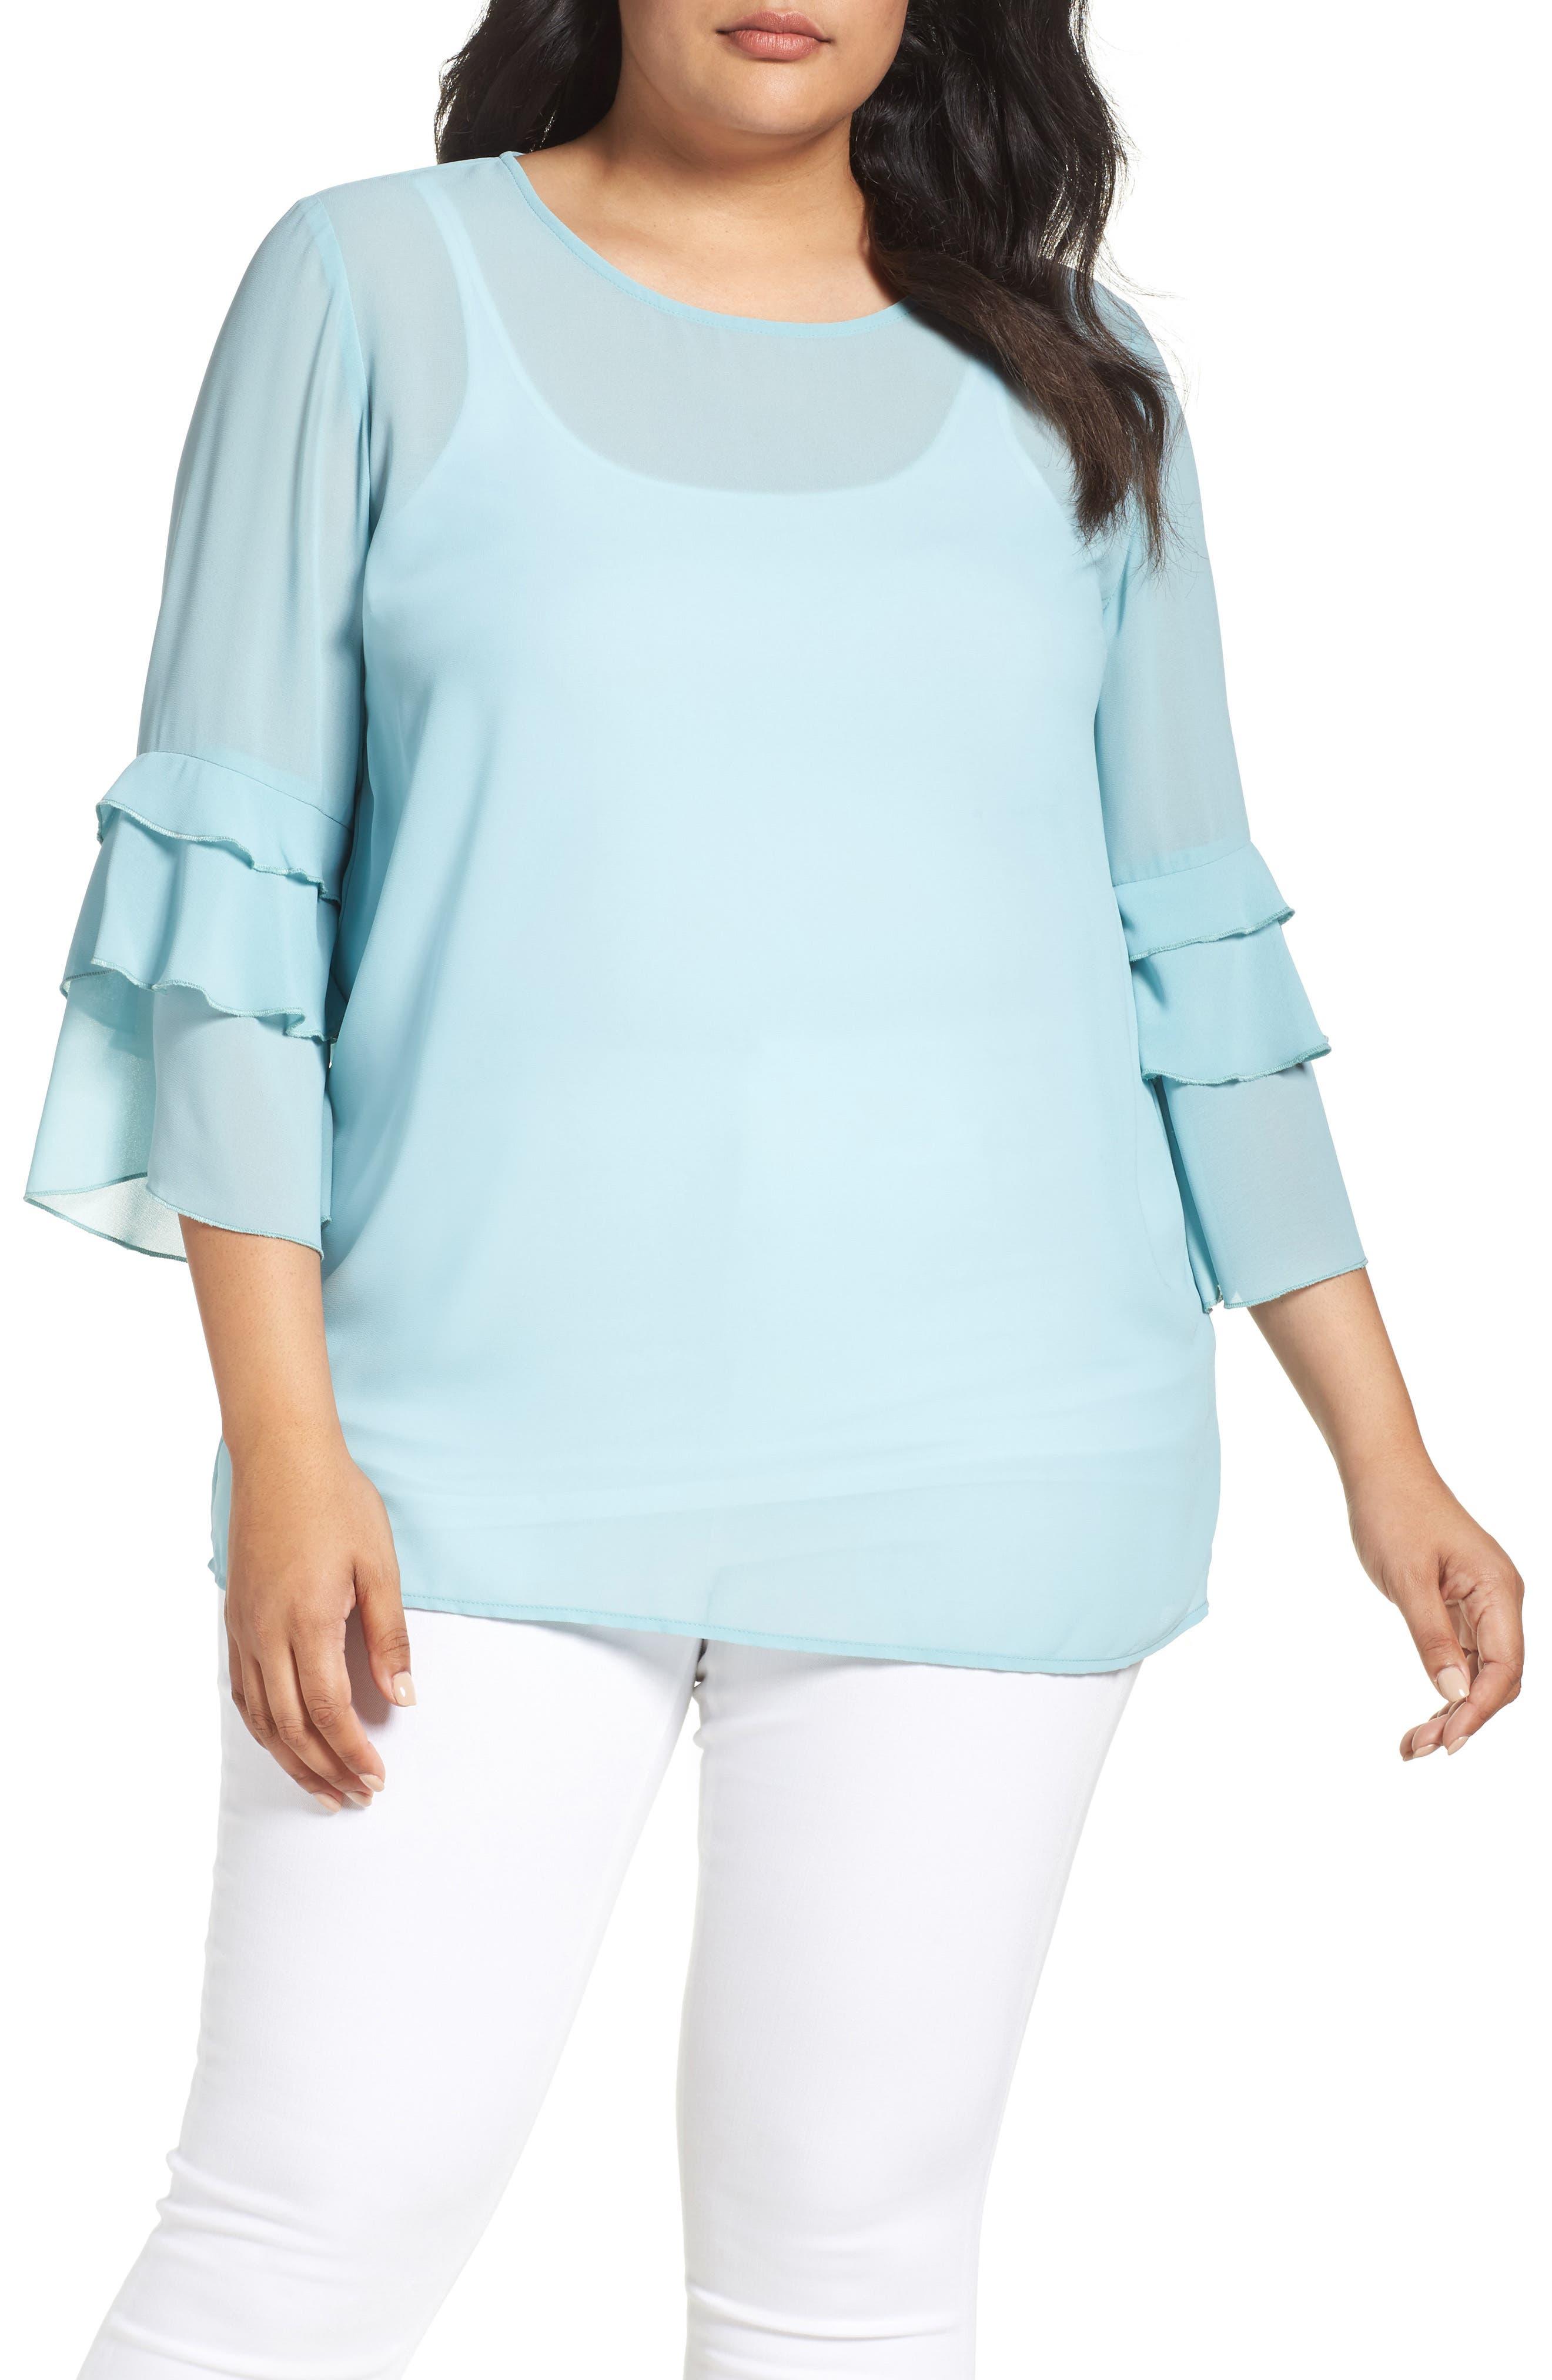 Main Image - Glamorous Ruffle Sleeve Blouse (Plus Size)